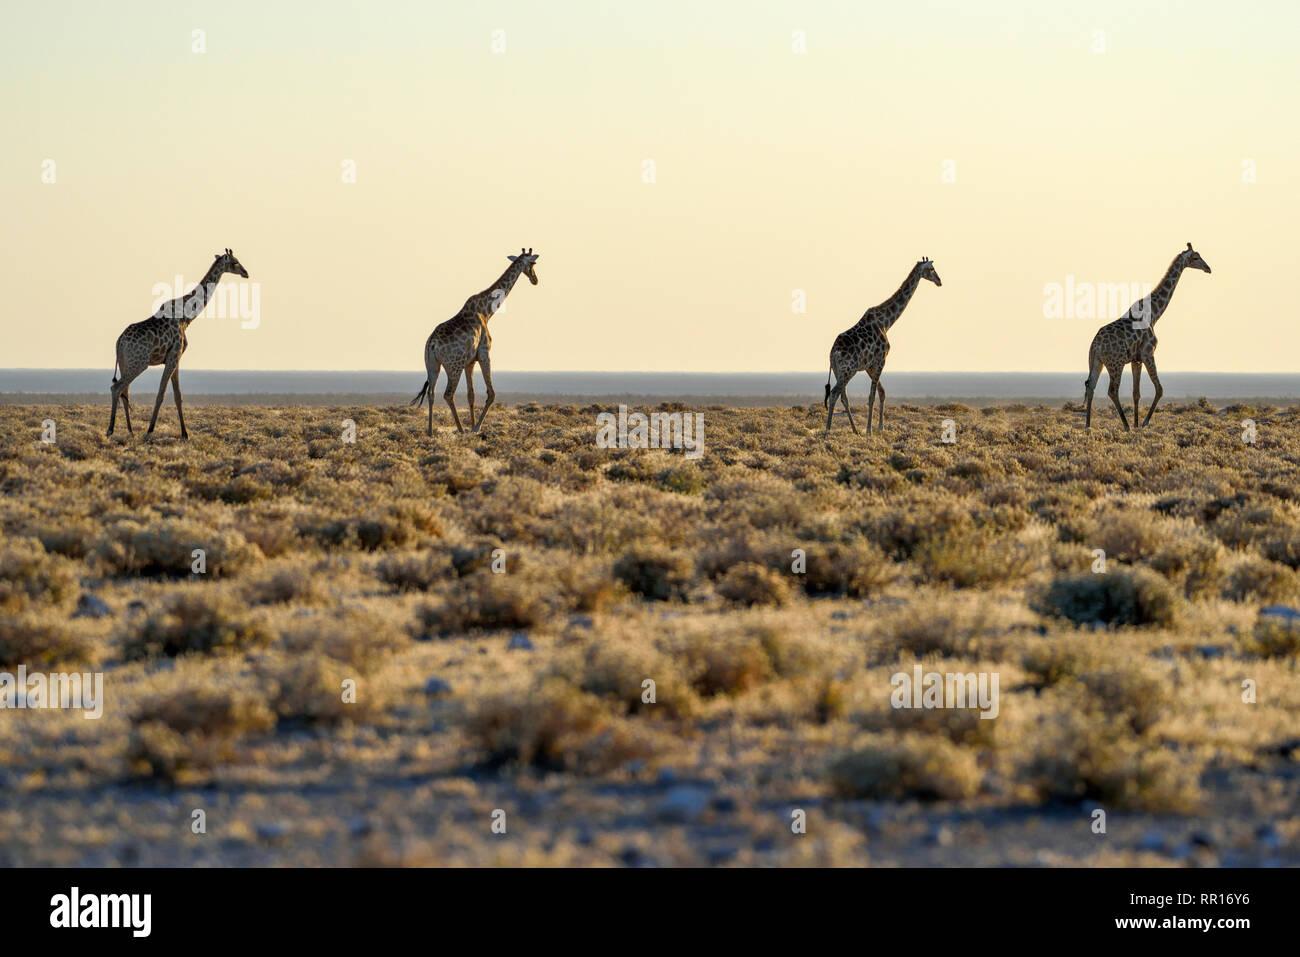 zoology, mammal (mammalia), Angola giraffes (Giraffa camelopardalis angolensis), next to Namutoni, Eto, Additional-Rights-Clearance-Info-Not-Available - Stock Image